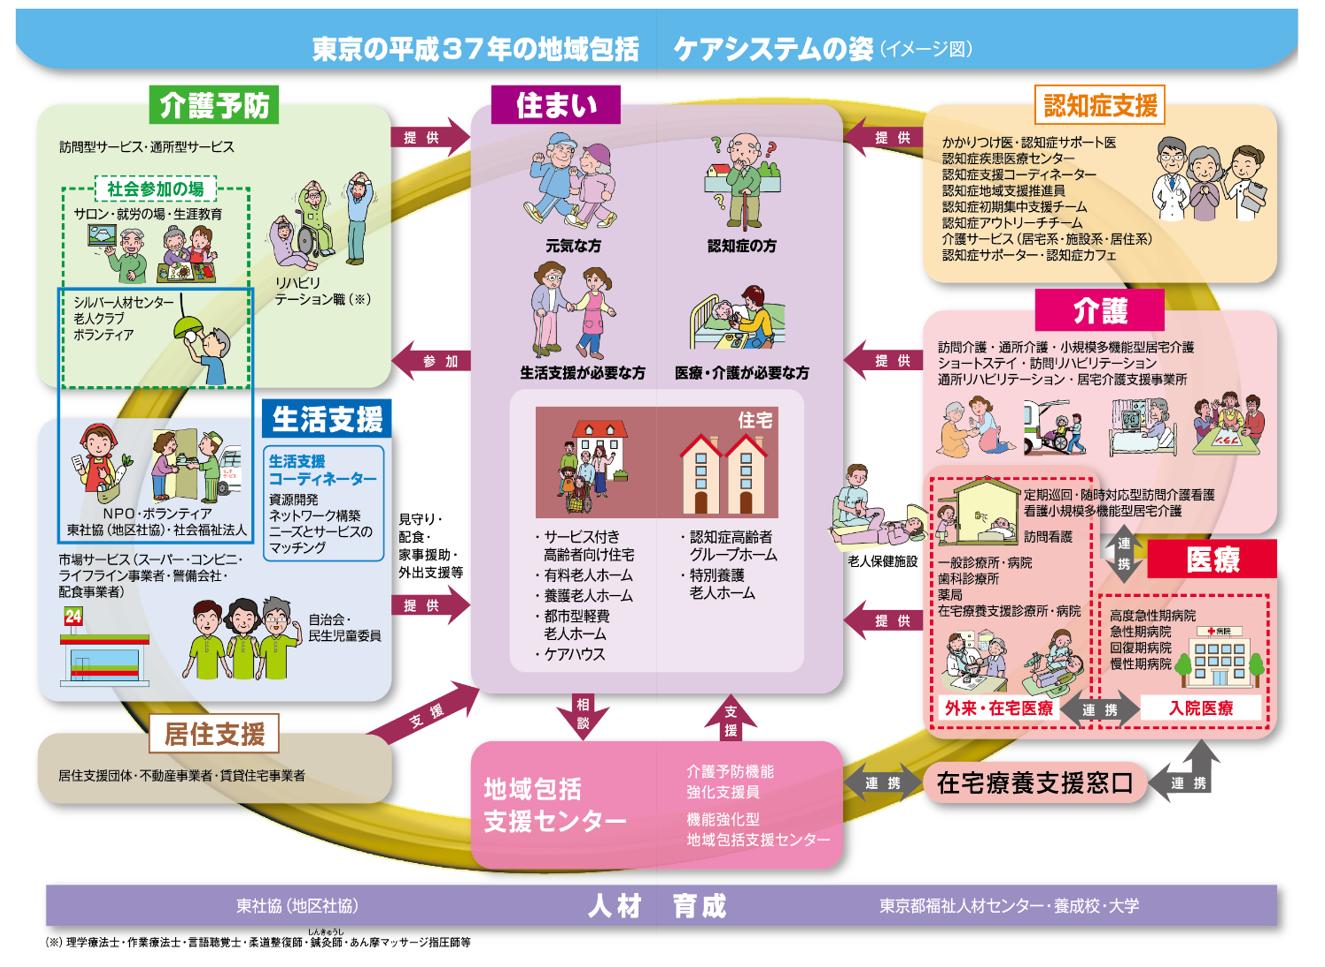 東京の37年の地域包括ケアシステムの姿(イメージ図)